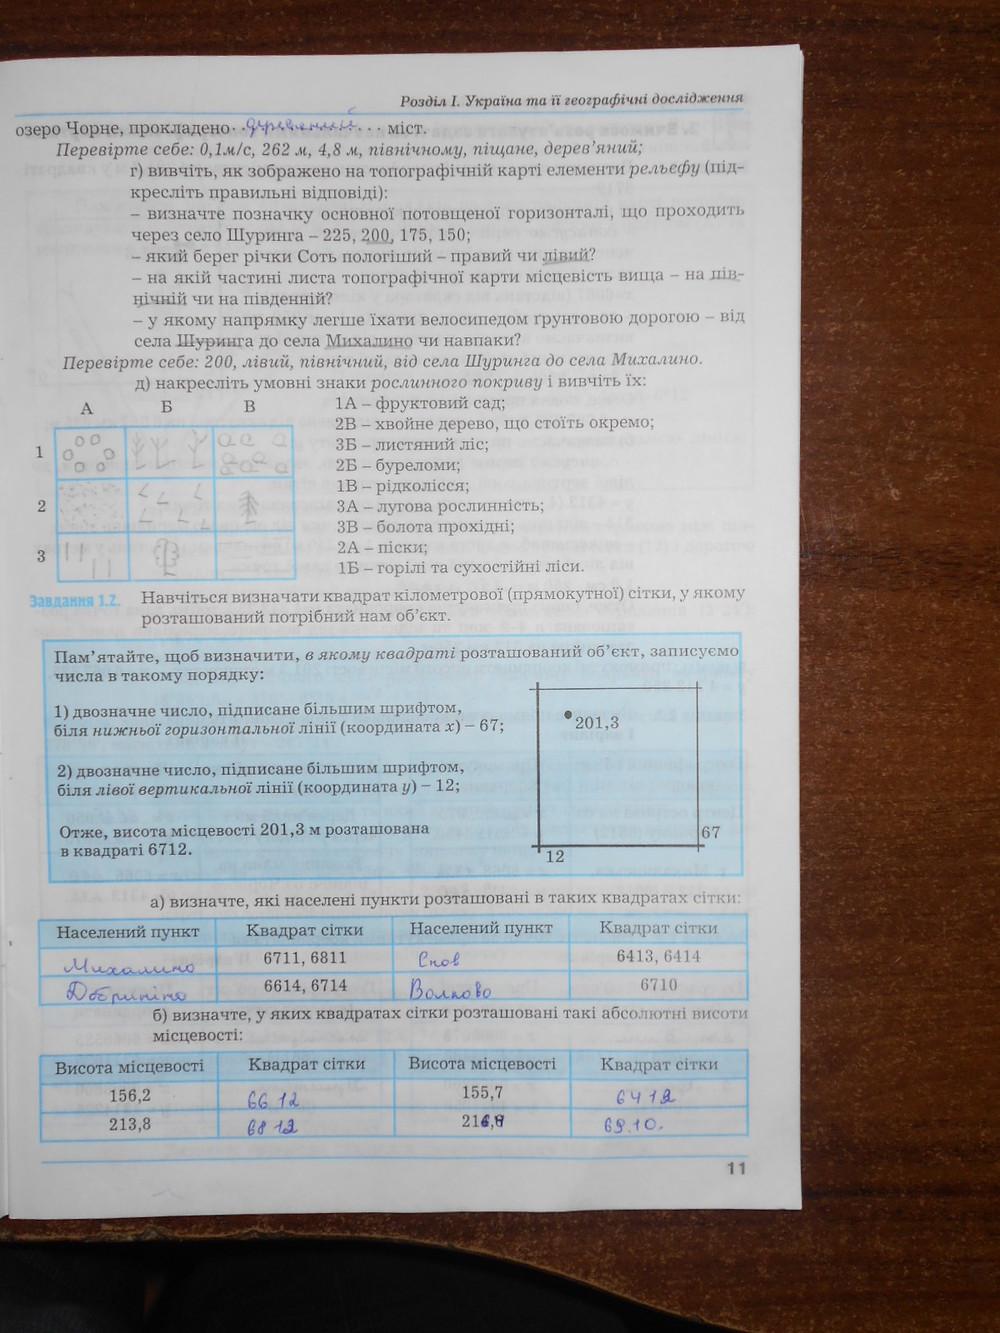 ГДЗ відповіді робочий зошит по географии 8 класс Думанська Г.В., Назаренко Т.Г.. Задание: стр. 11